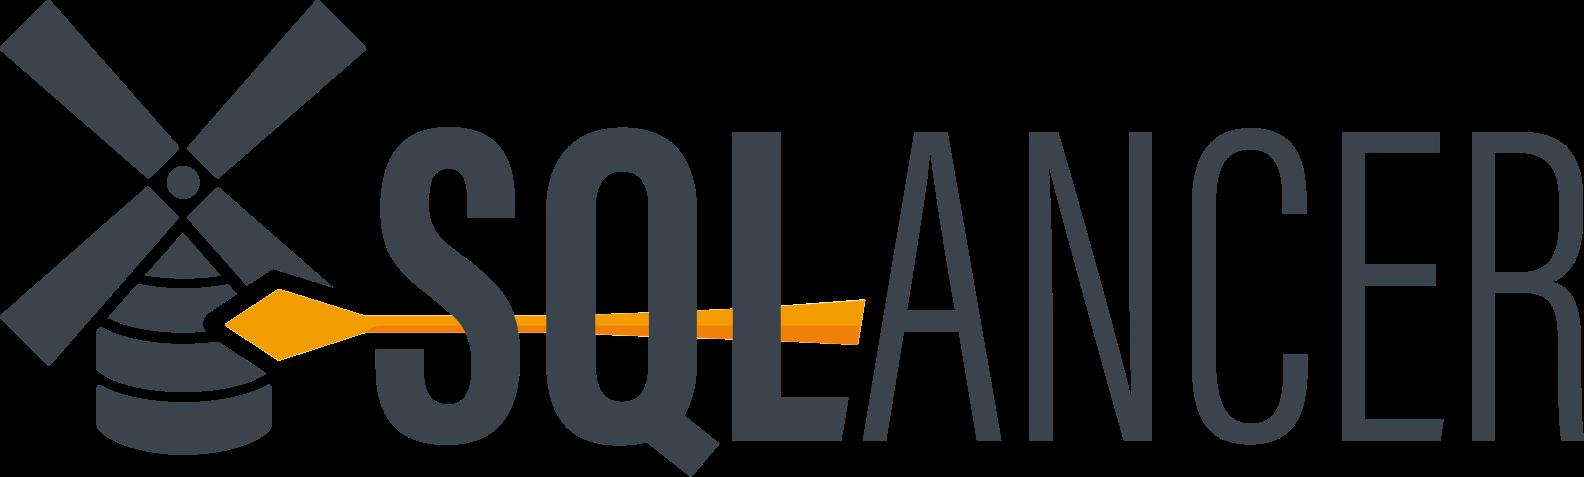 SQLancer Logo